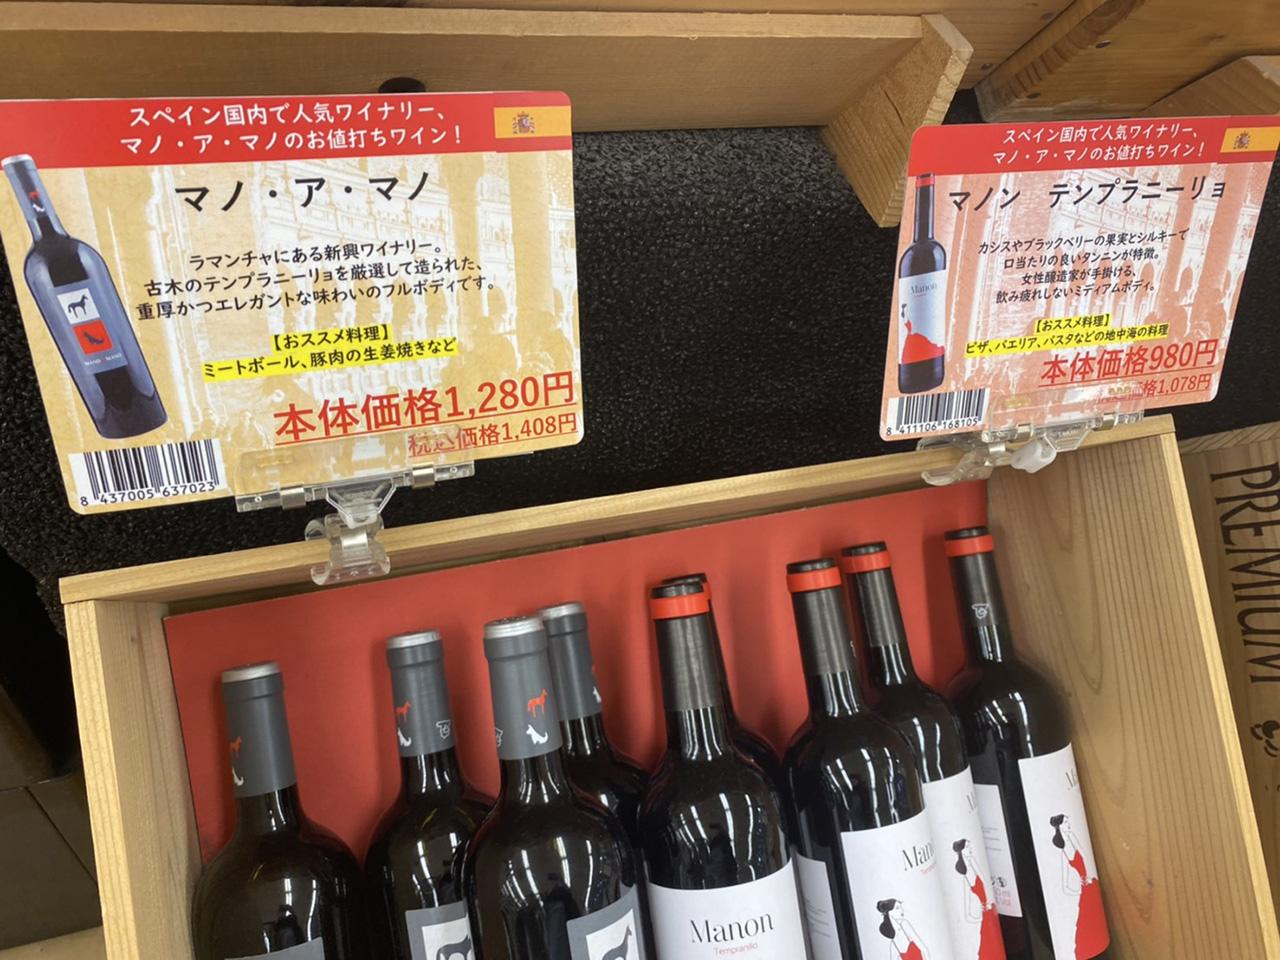 ワインの特徴が書かれたポップとともに並べられたワイン